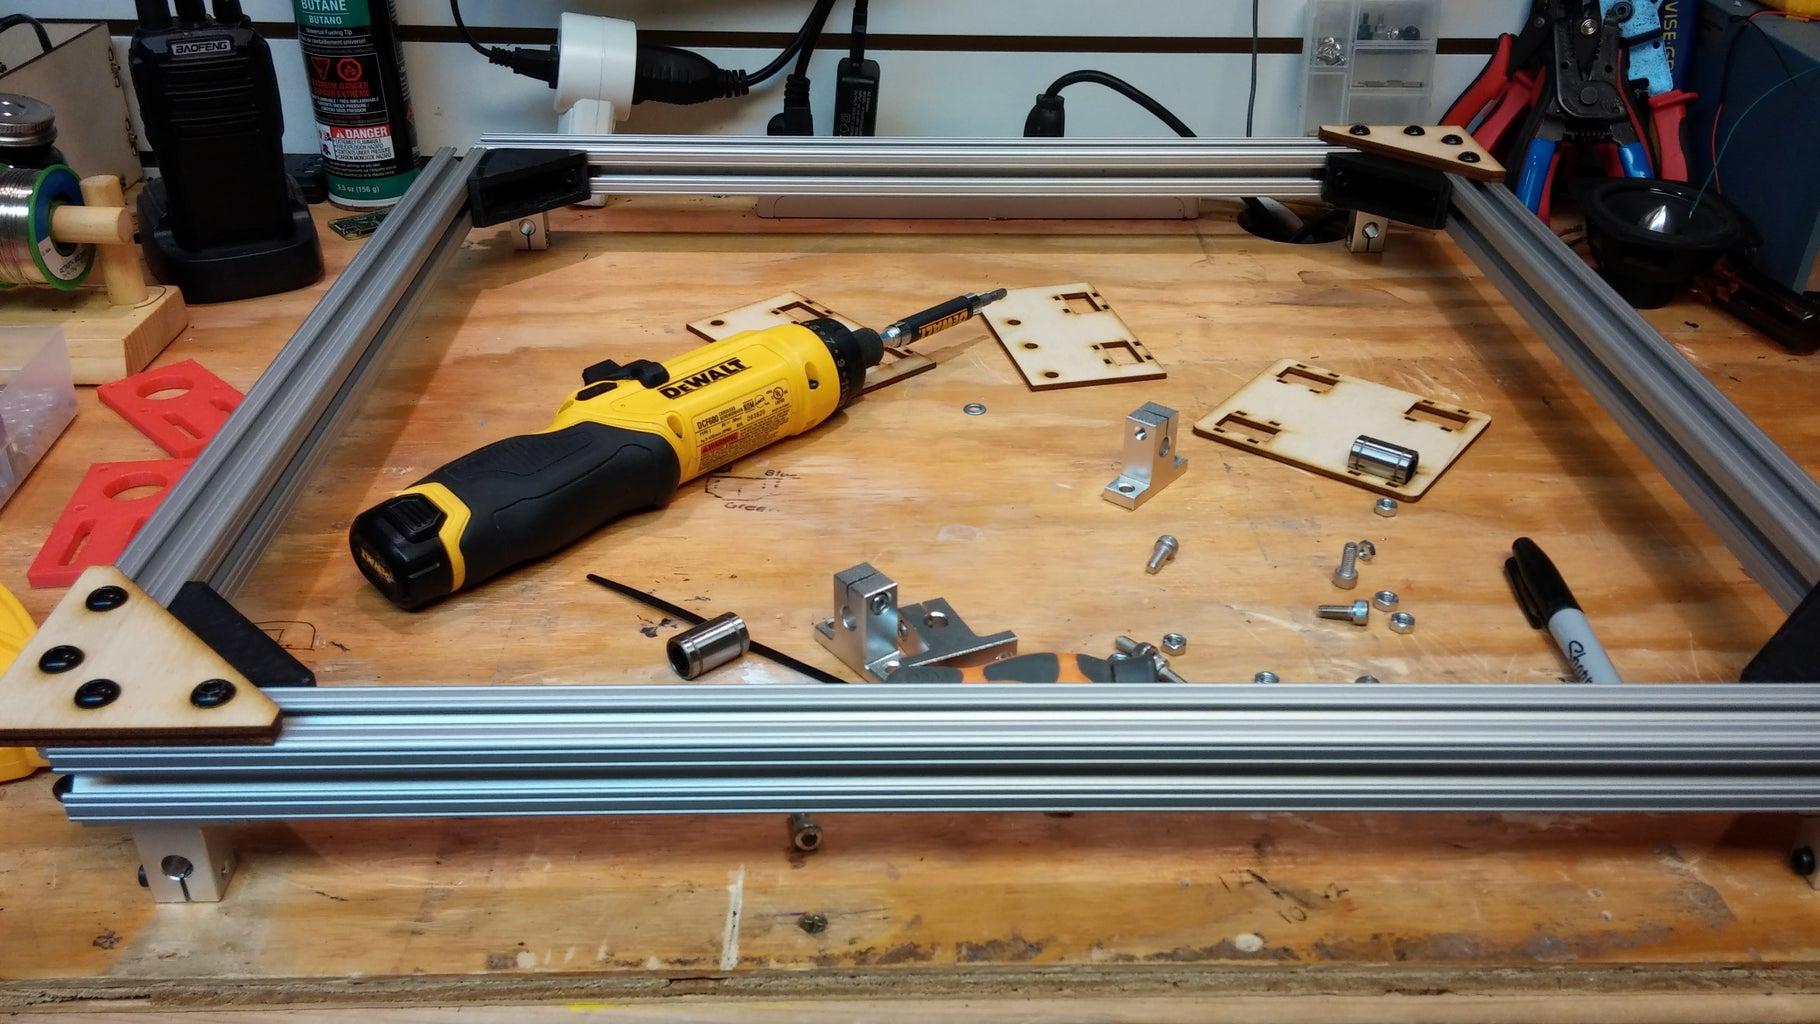 Assembling the Gantry